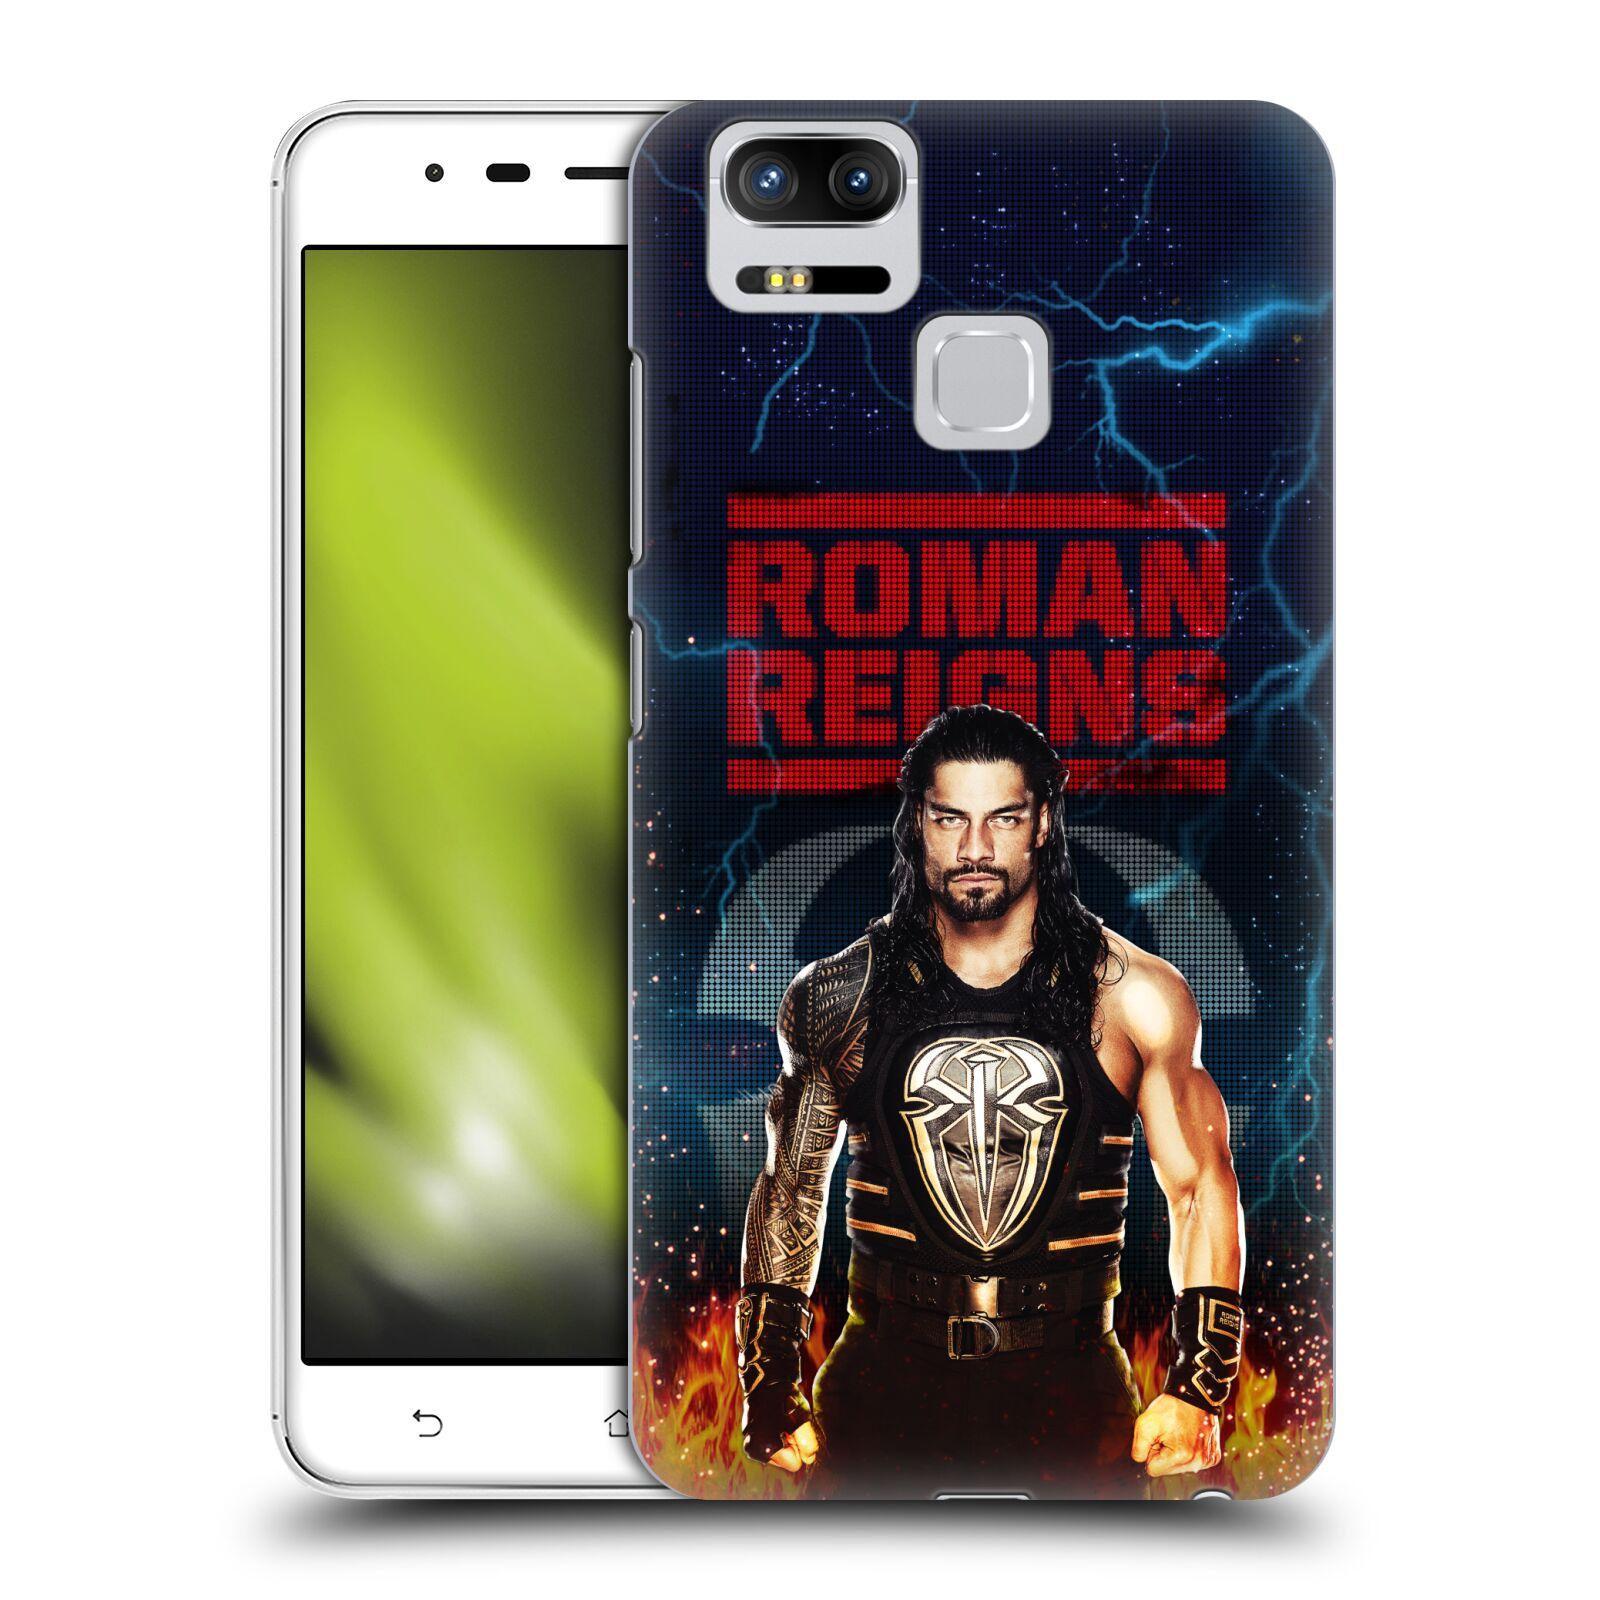 UFFICIALE-WWE-2017-REGNI-ROMANI-COVER-RETRO-RIGIDA-PER-ASUS-ZENFONE-TELEFONI